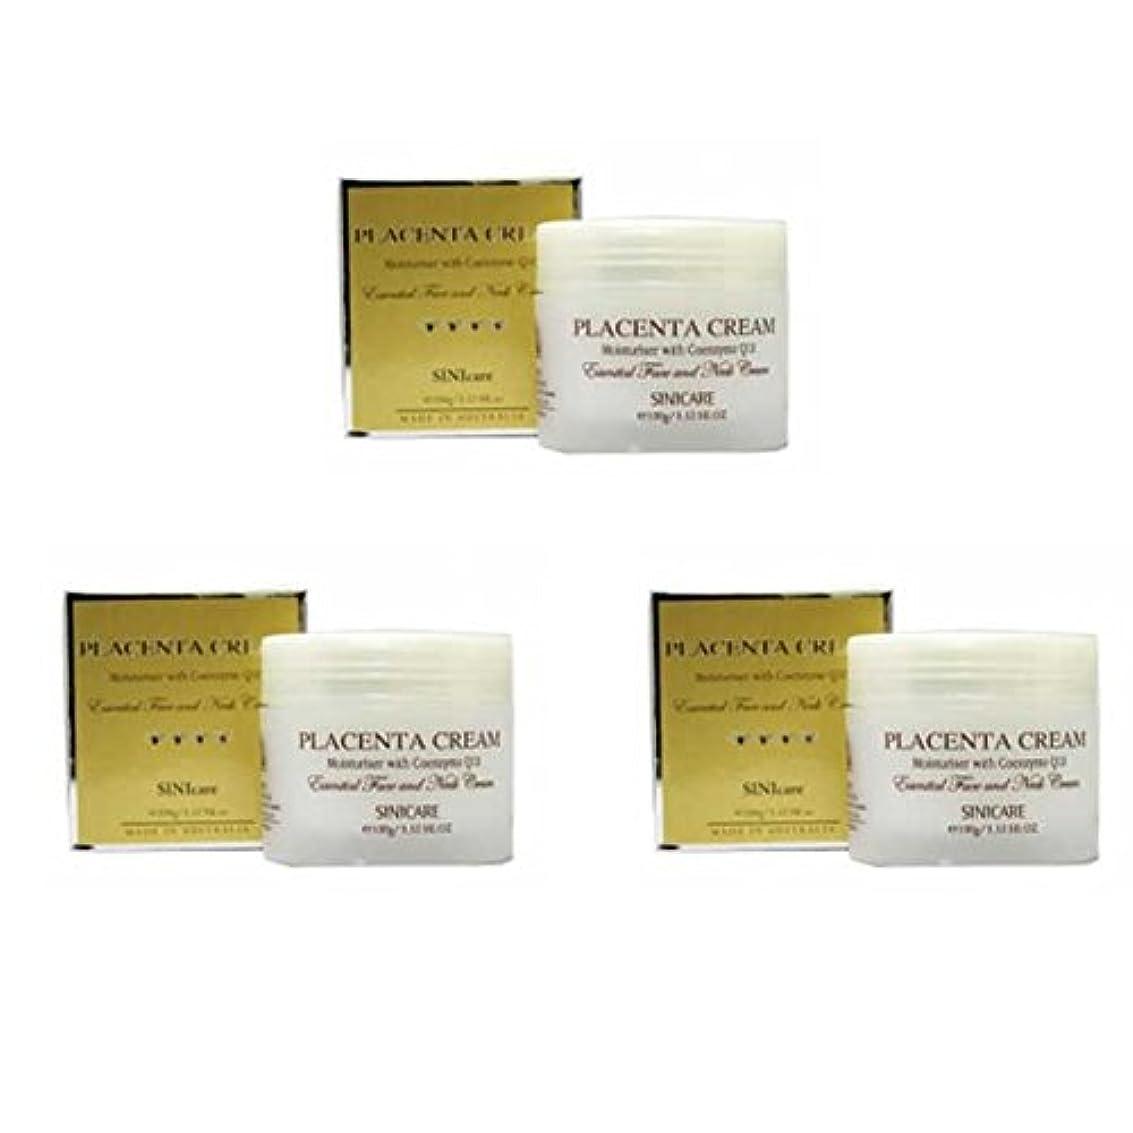 グリーンランド獲物ランチ[Sini Care]Q10配合 プラセンタクリーム(Placenta Cream with Q10)100g ×3個セット[海外直送品]